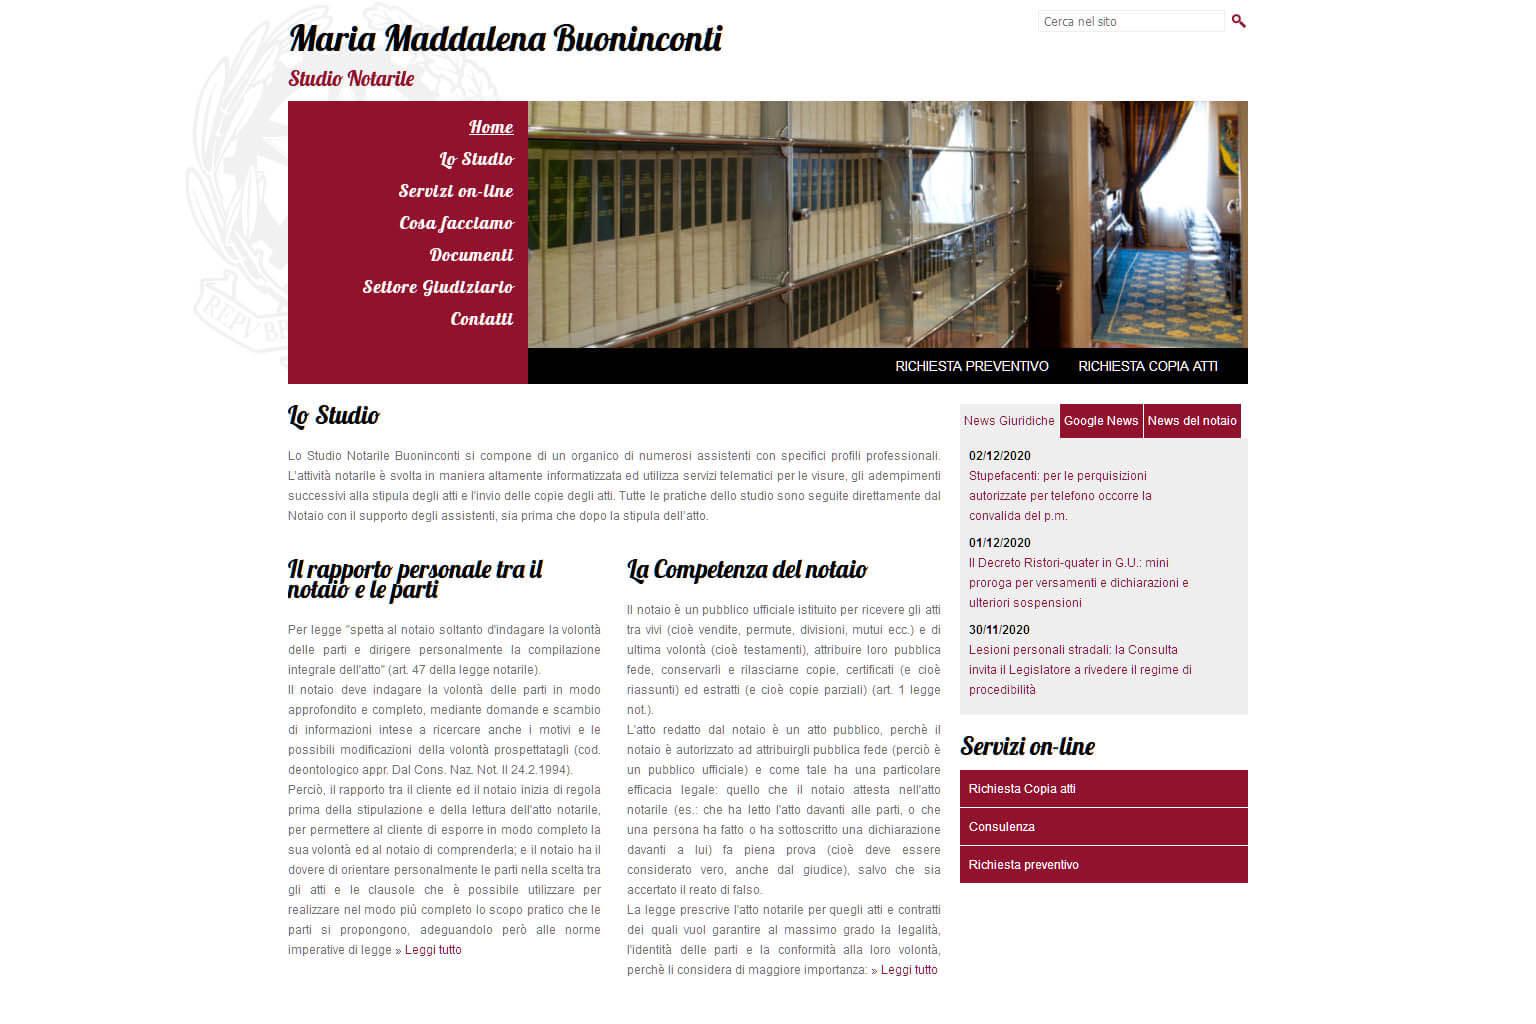 NotaioMyWeb | Notaio Maria Maddalena Buoninconti